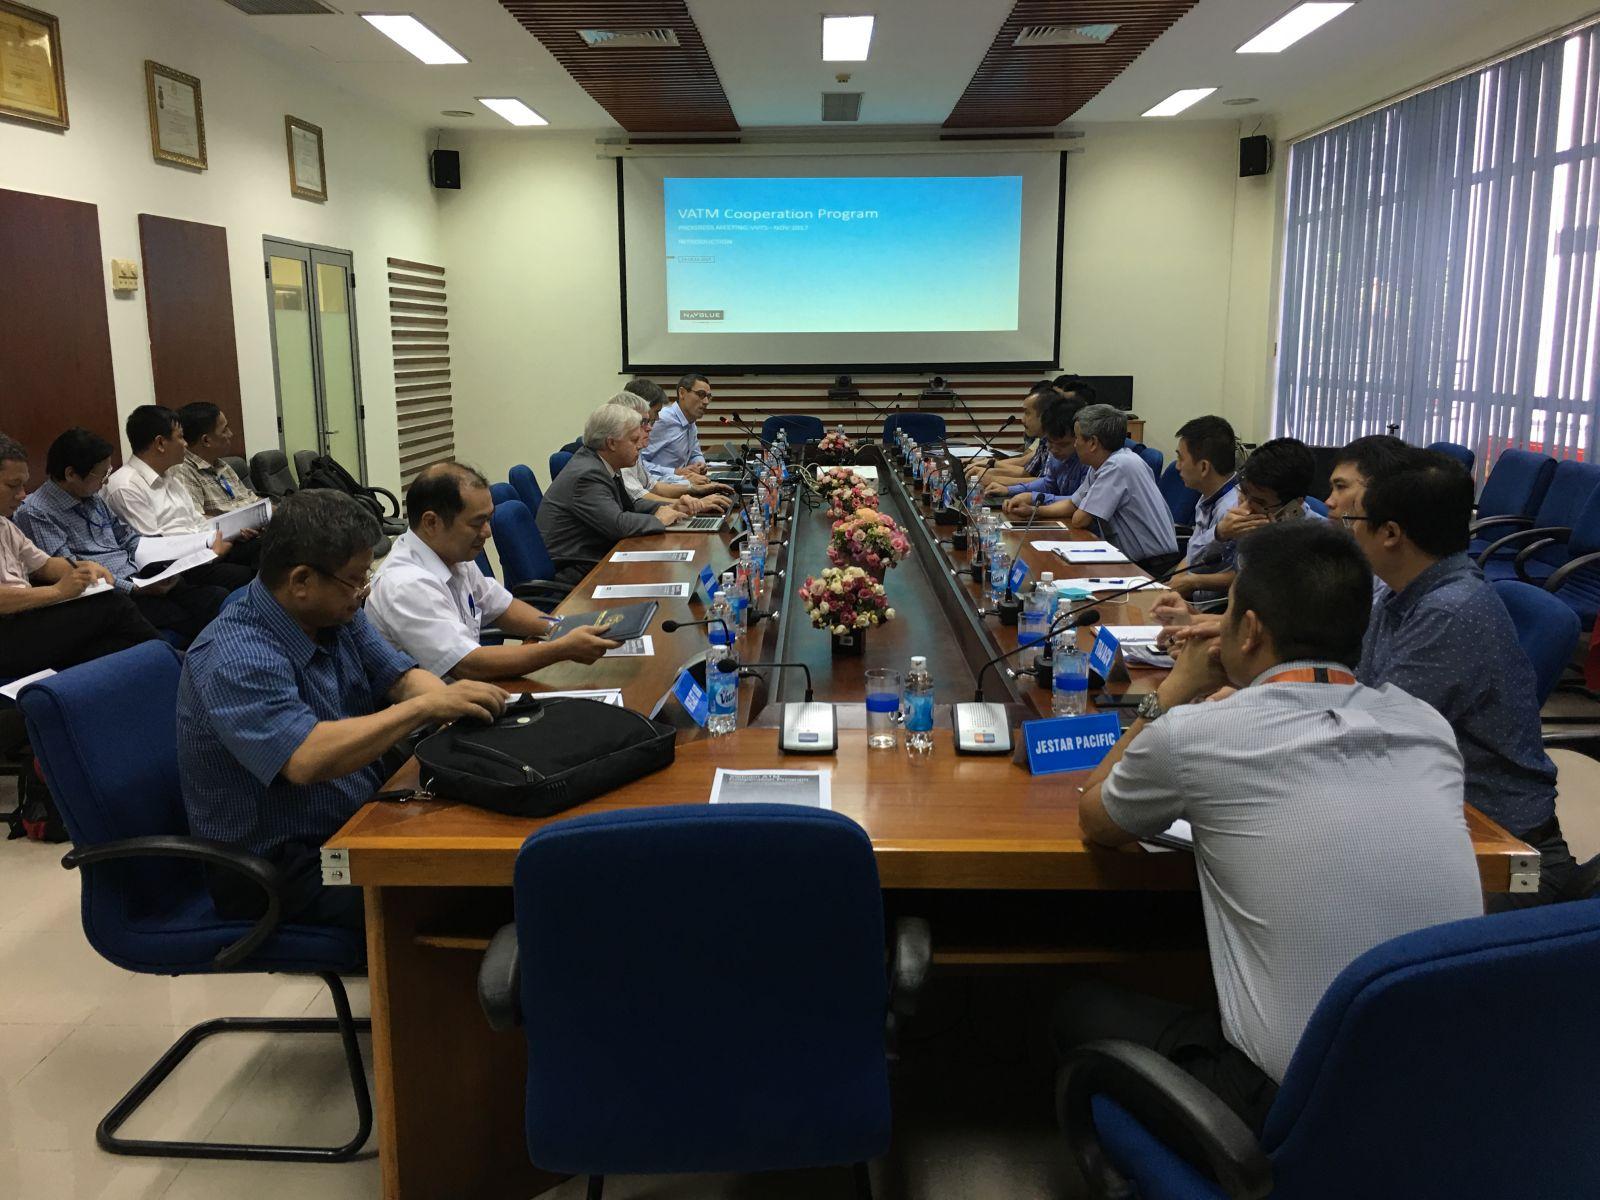 Khai mạc Cuộc họp rà soát tiến độ dự án khu vực sân bay Tân Sơn Nhất